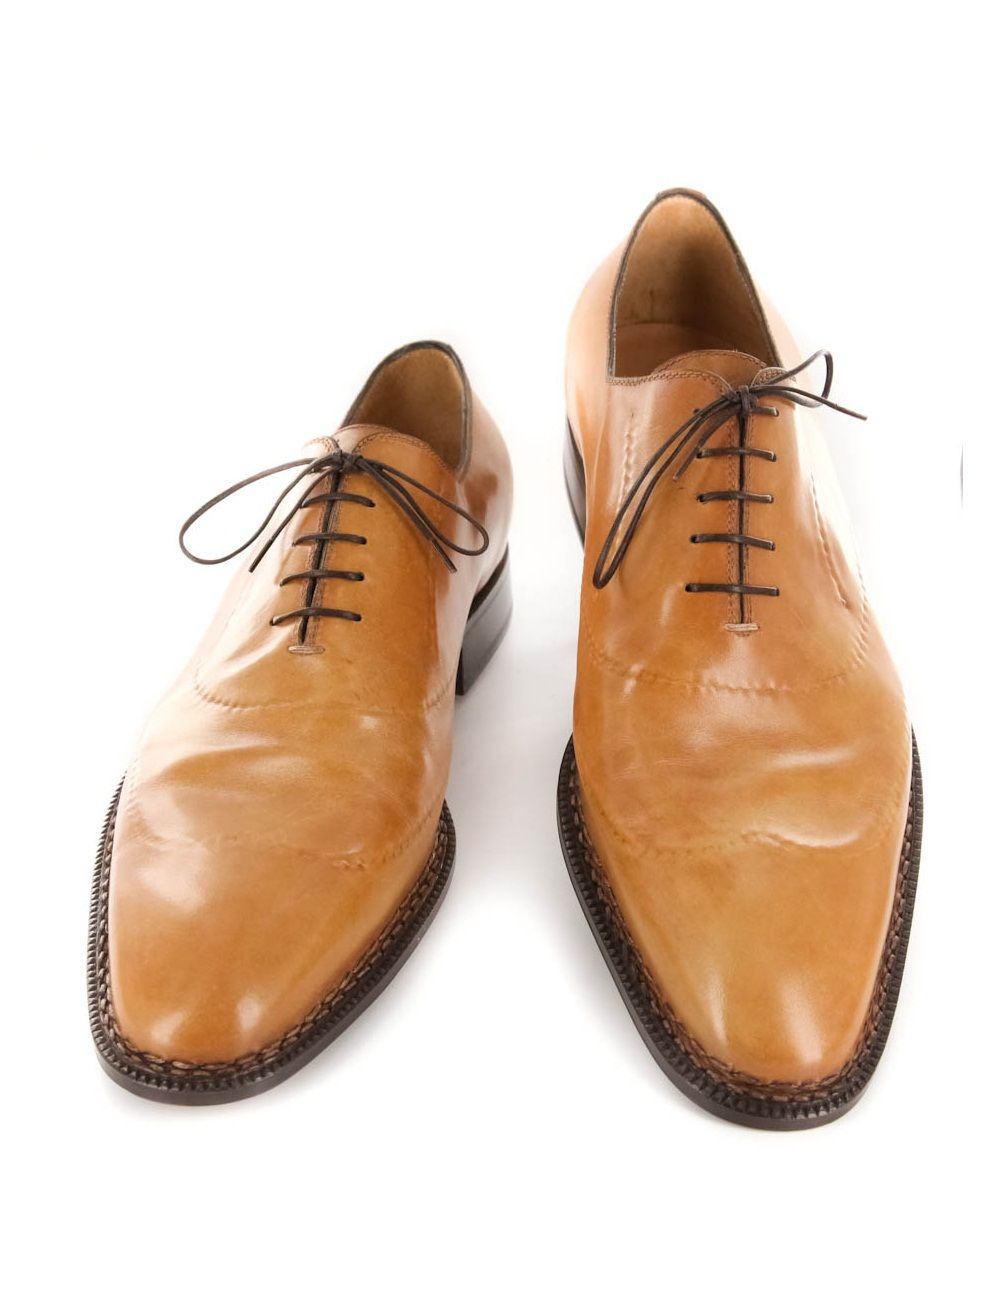 FOOTWEAR - High-tops & sneakers Sutor Mantellassi wZ9tW